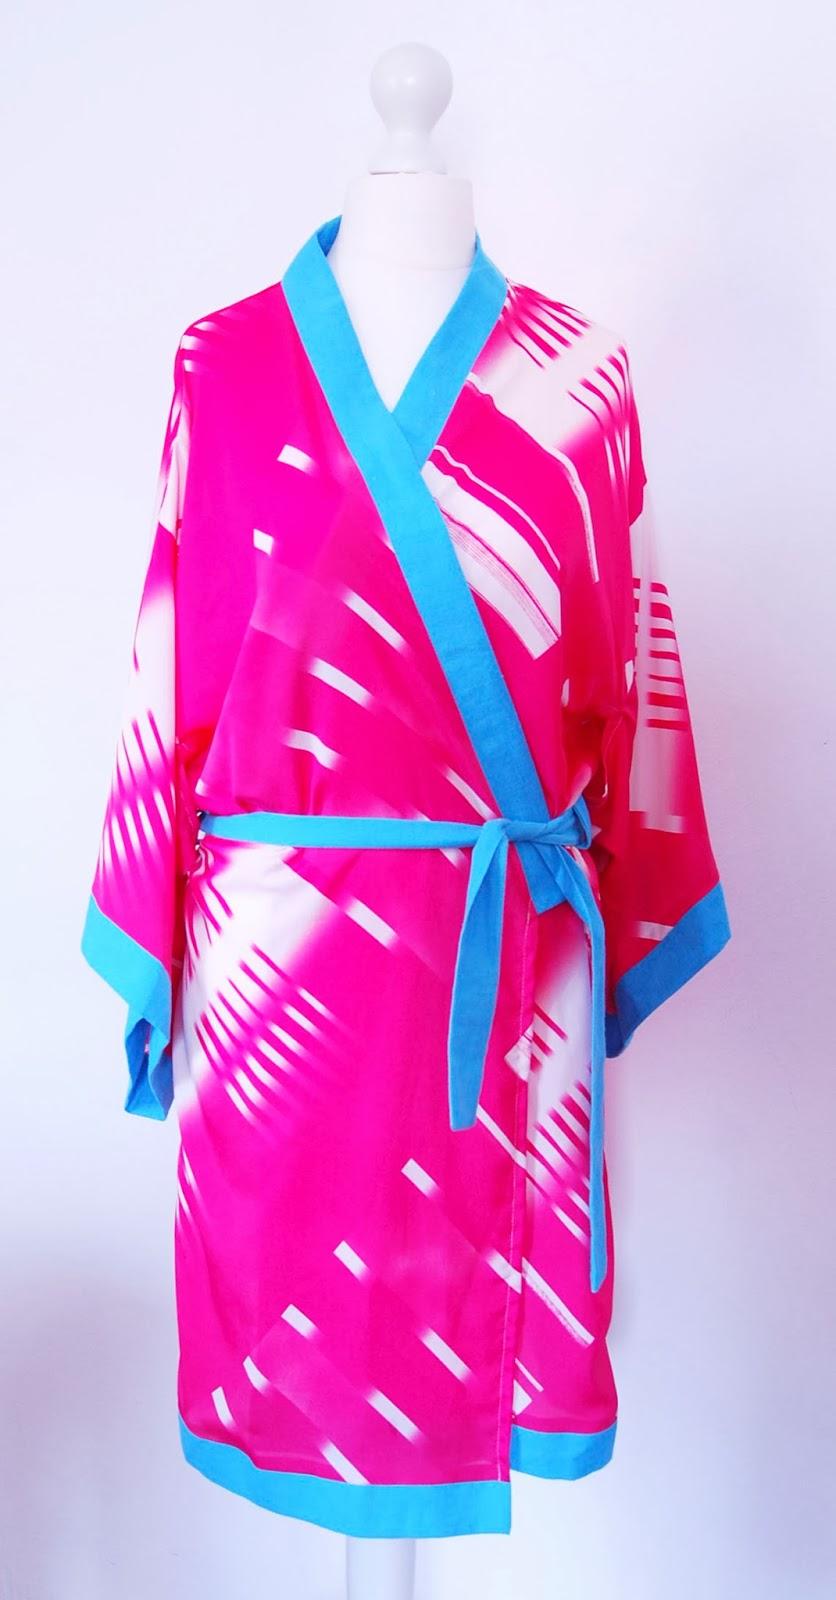 Mittwochsmarkt kimono als geschenkeschnitt f r 5 00 - Kimono schnittmuster kostenlos ...